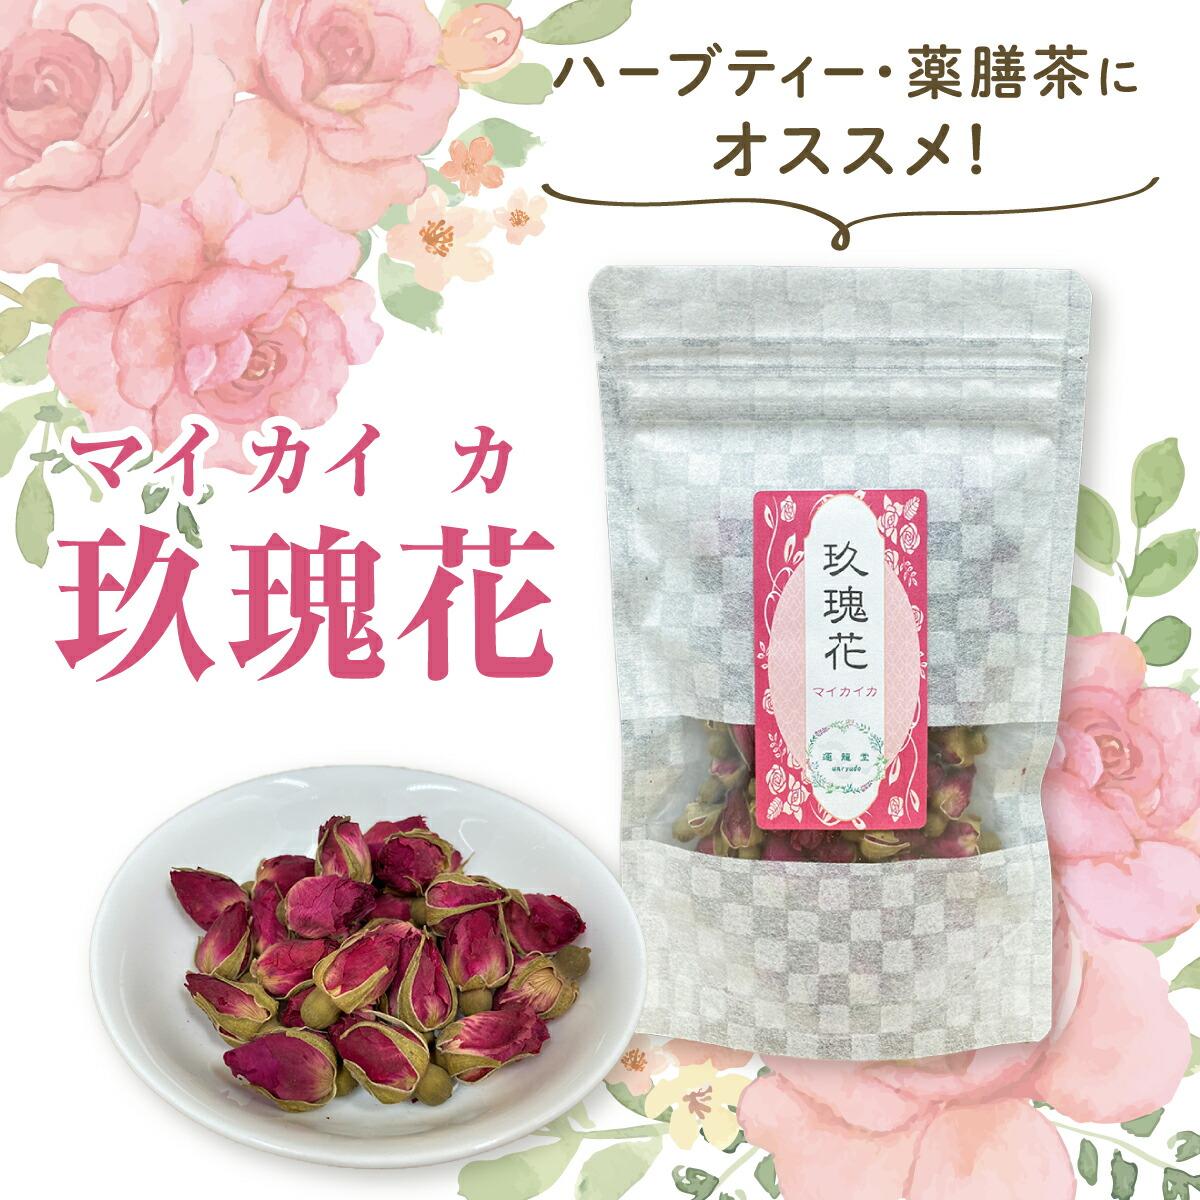 ハーブティー・薬膳茶にオススメ!「玖瑰花(マイカイカ)」